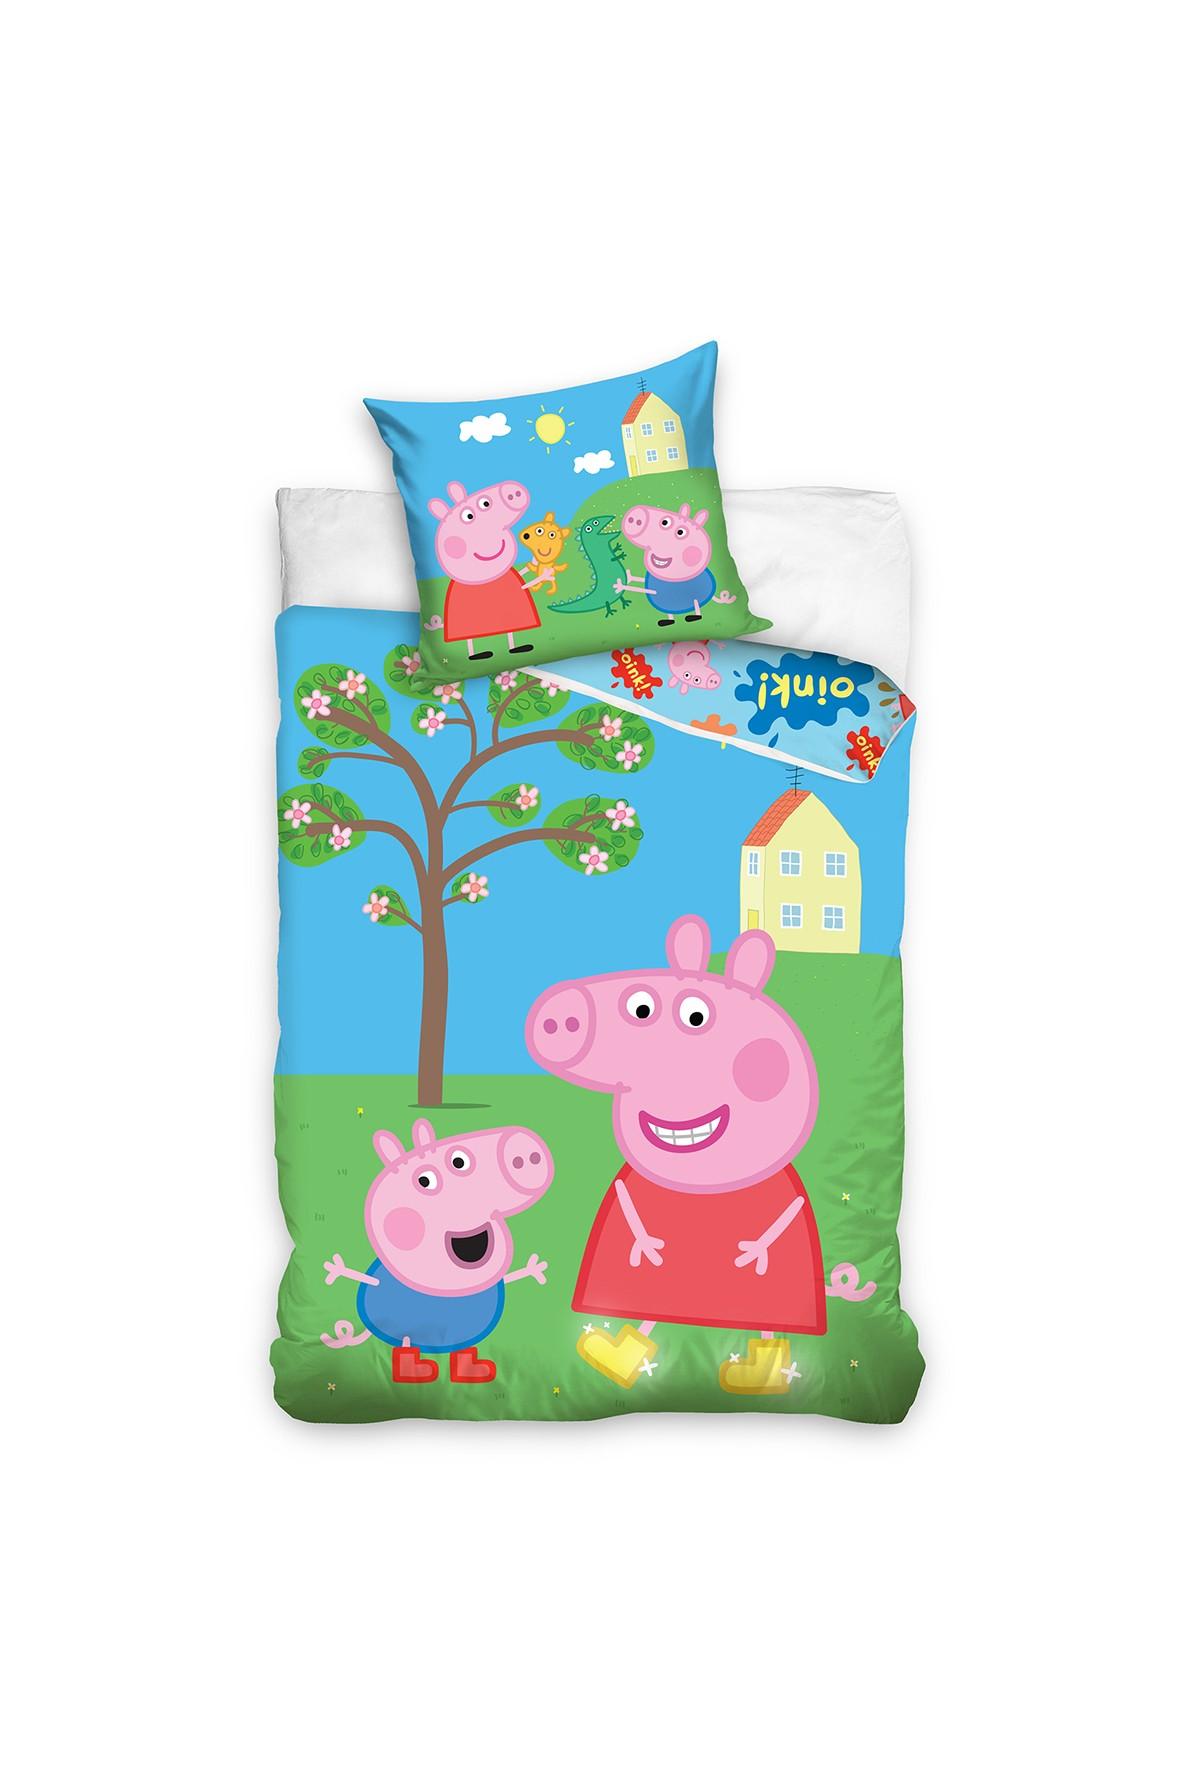 Komplet pościeli bawełnianej dla dzieci Peppa Pig 140x200+70x90 cm